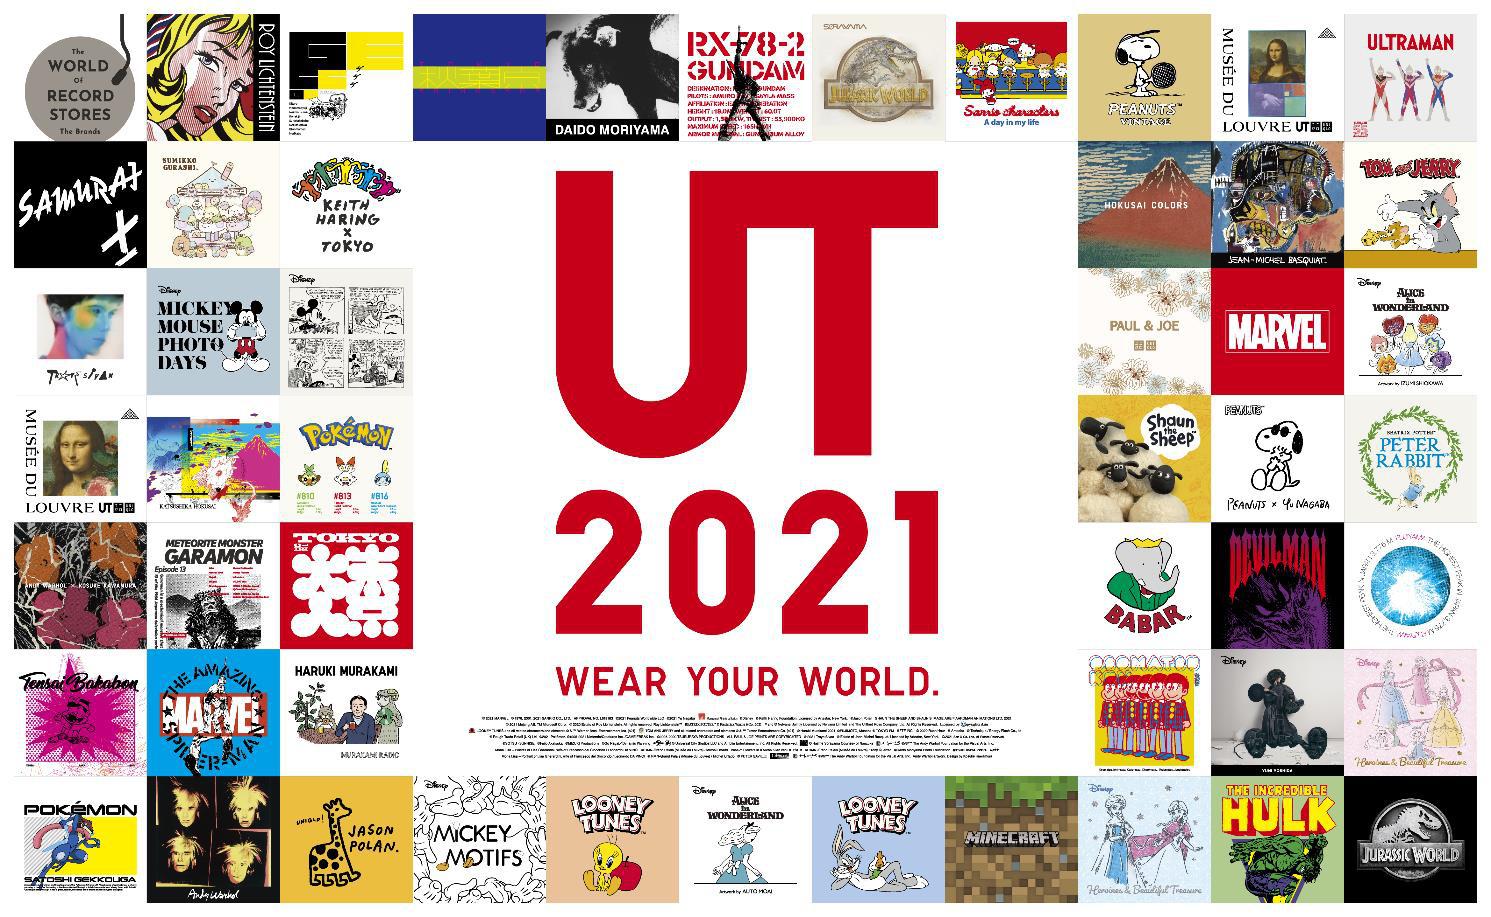 Áo thun thì hot, nhưng áo UT của UNIQLO cuốn theo cách rất riêng - Ảnh 3.